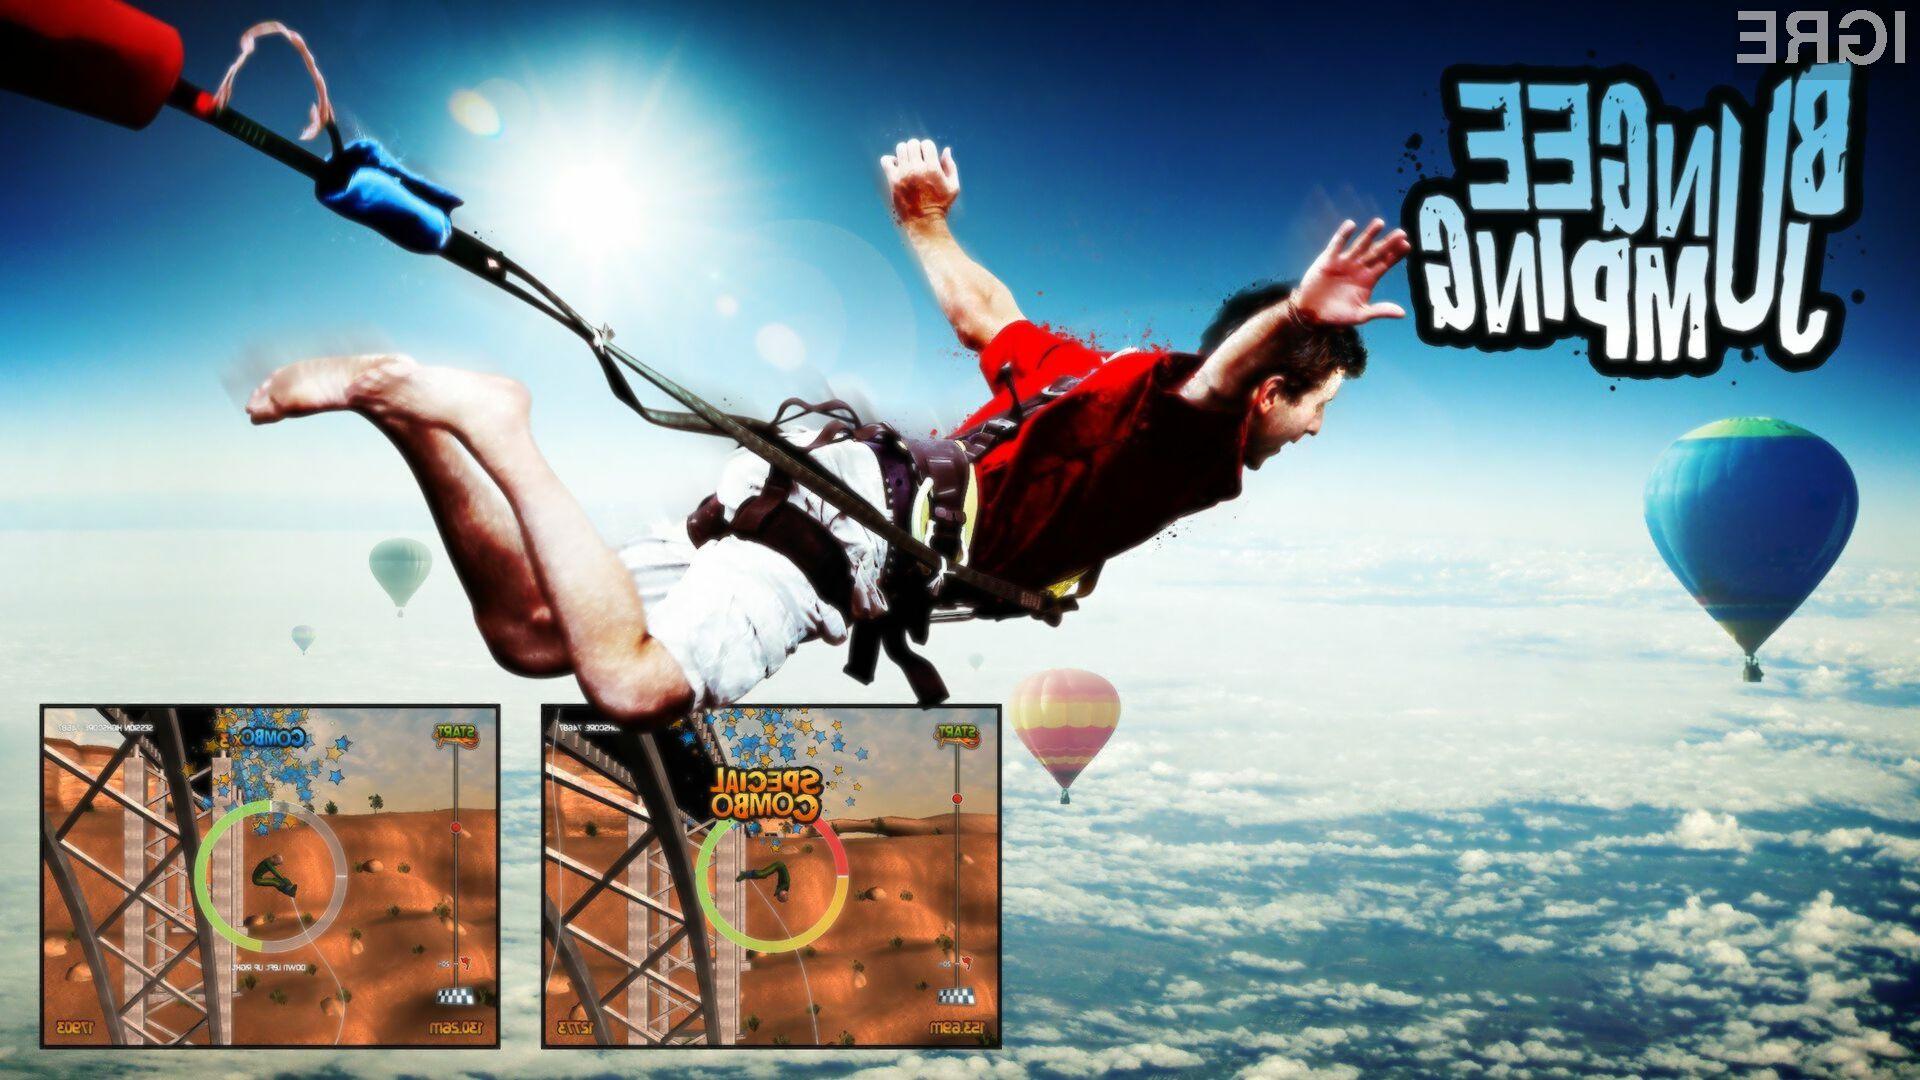 ActaLogic odslej razvija igre za igralne konzole Nintendo DS, Nintendo DSi in Nintendo Wii.